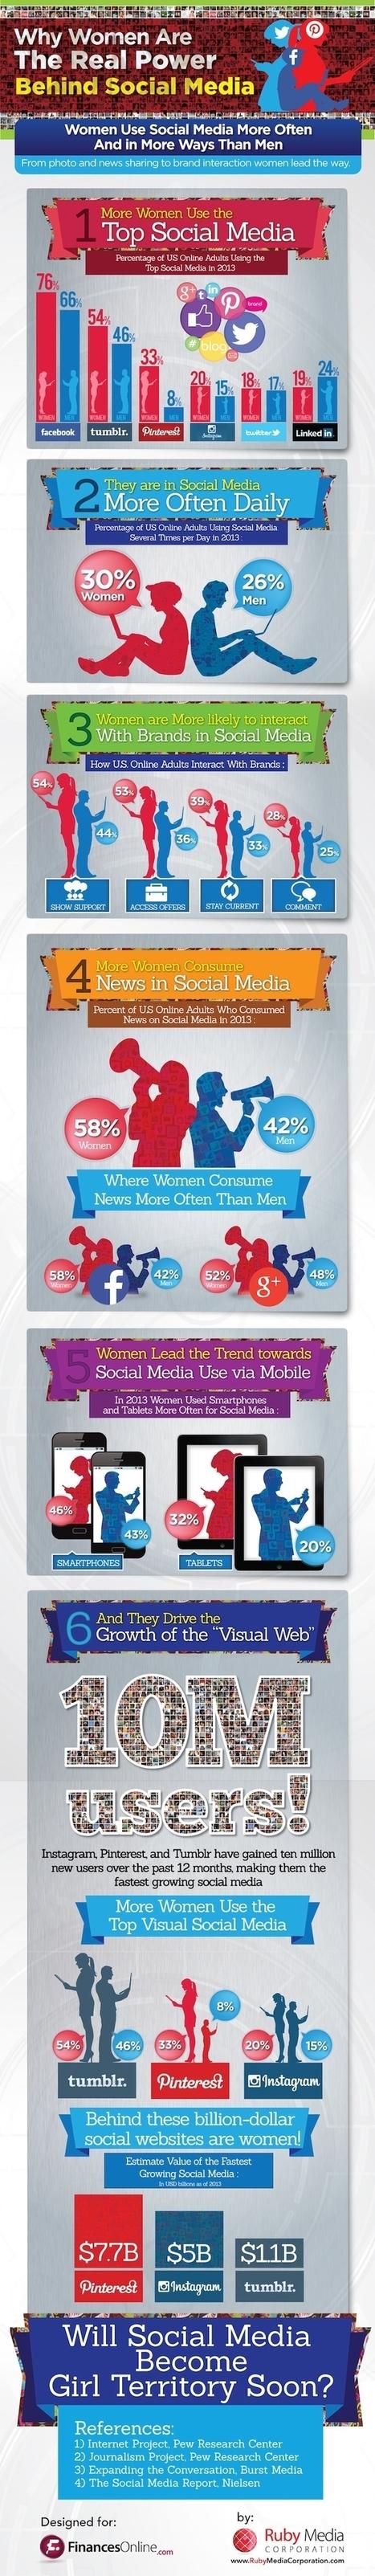 Infographie - Les femmes, plus actives que leurs homologues masculins sur les réseaux sociaux | We are social | Scoop.it